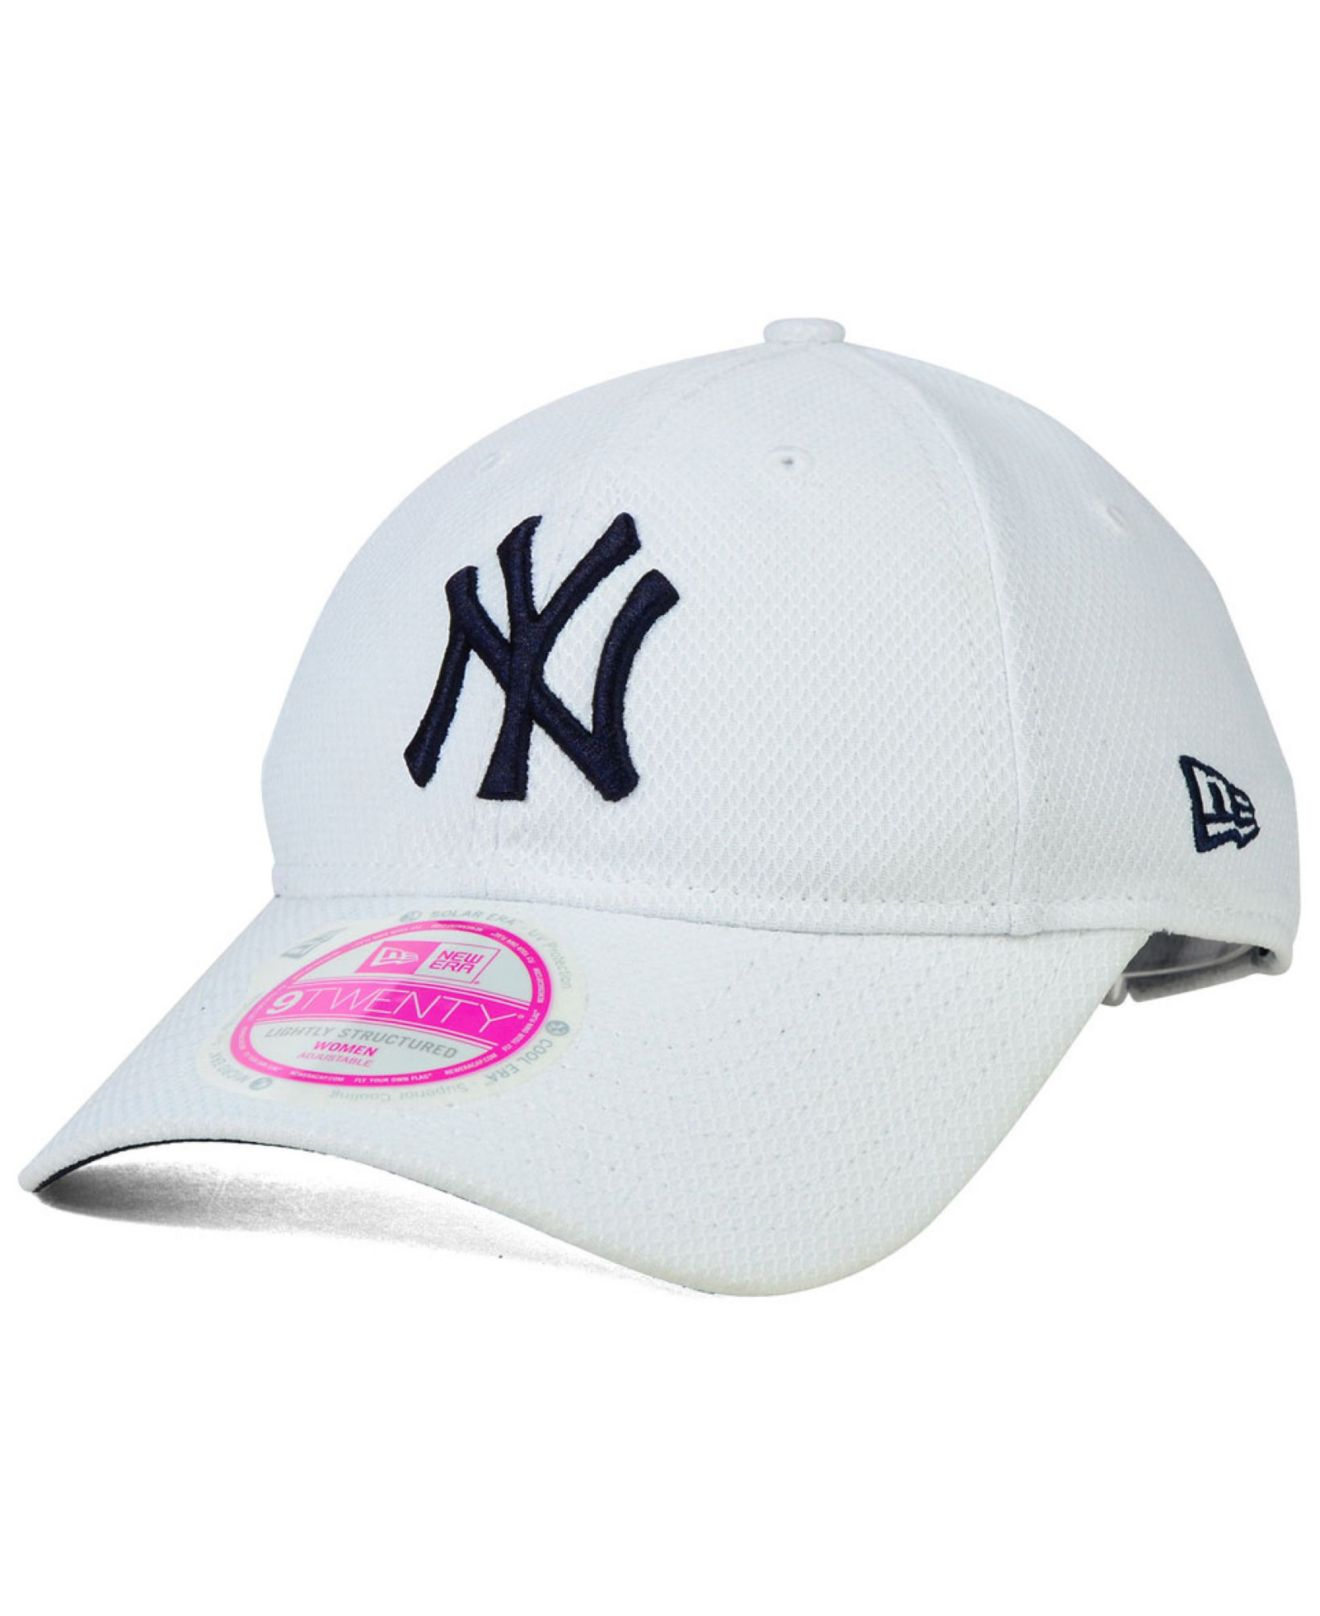 Lyst - KTZ Women S New York Yankees 9Twenty Cap in White 2a0da9c7afe